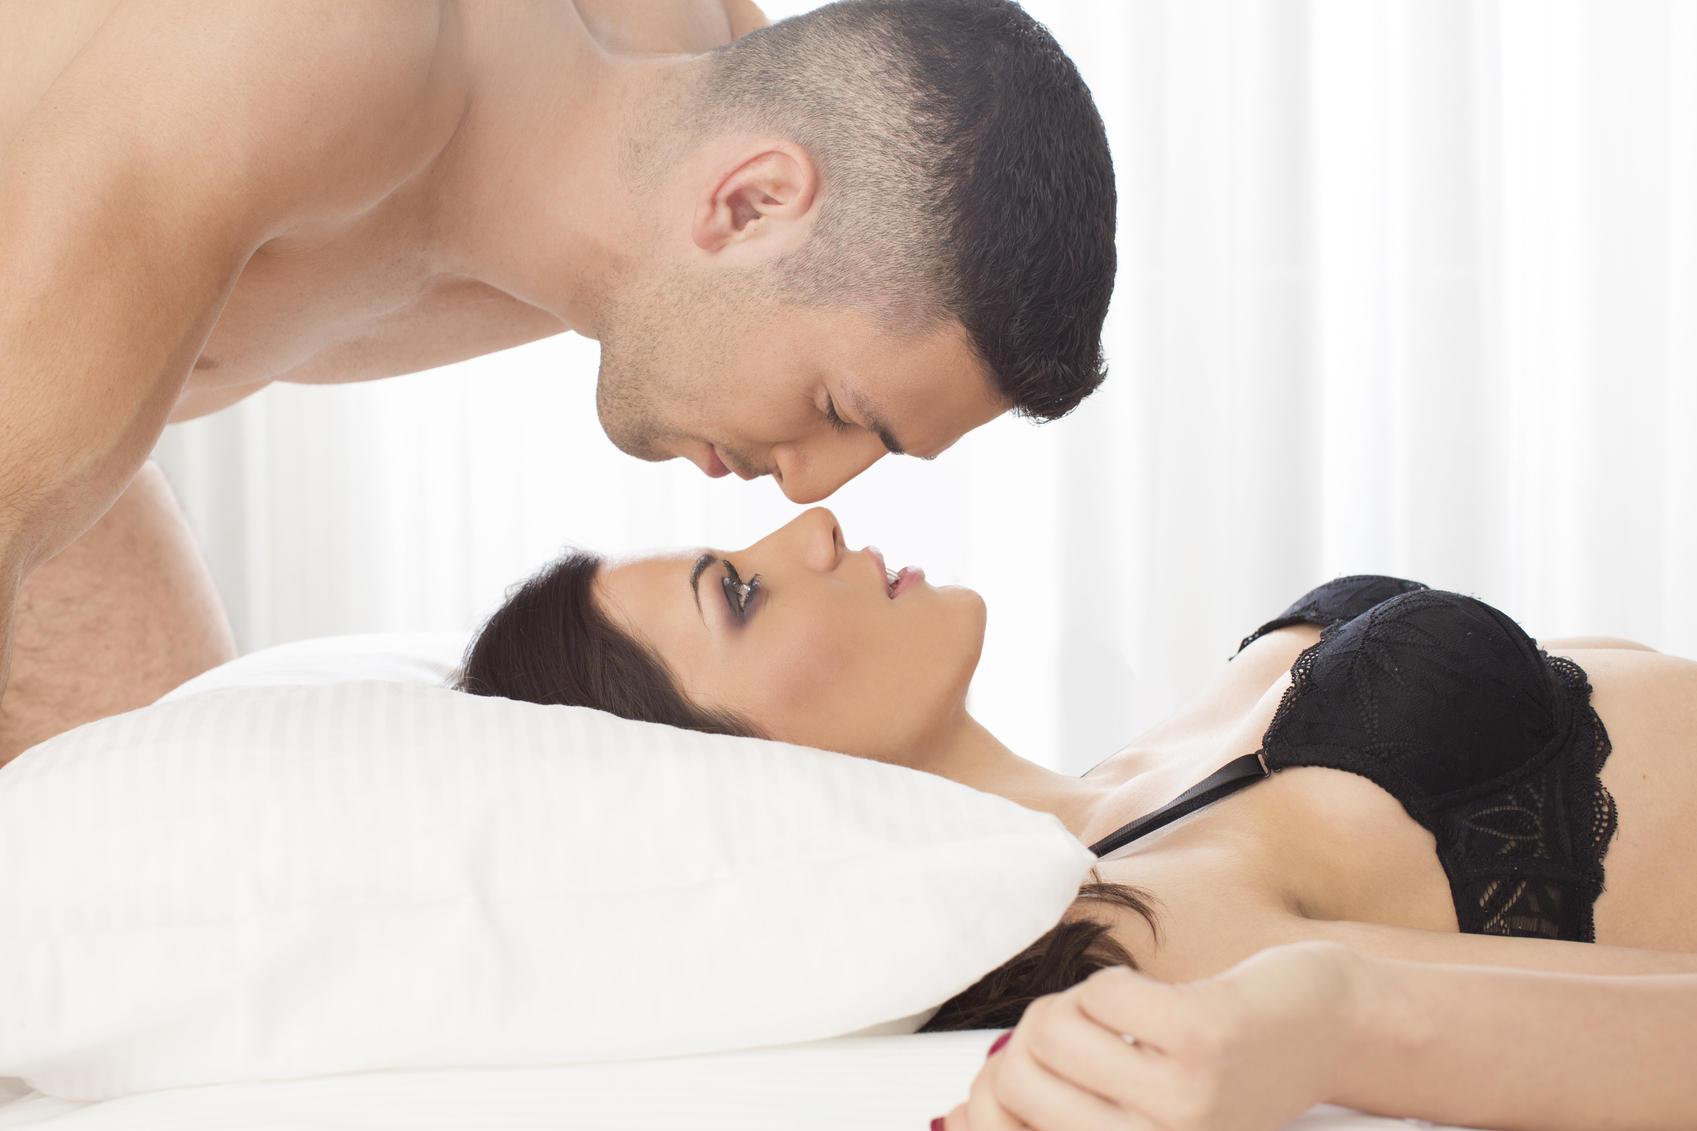 sesso piccante come fare sessi